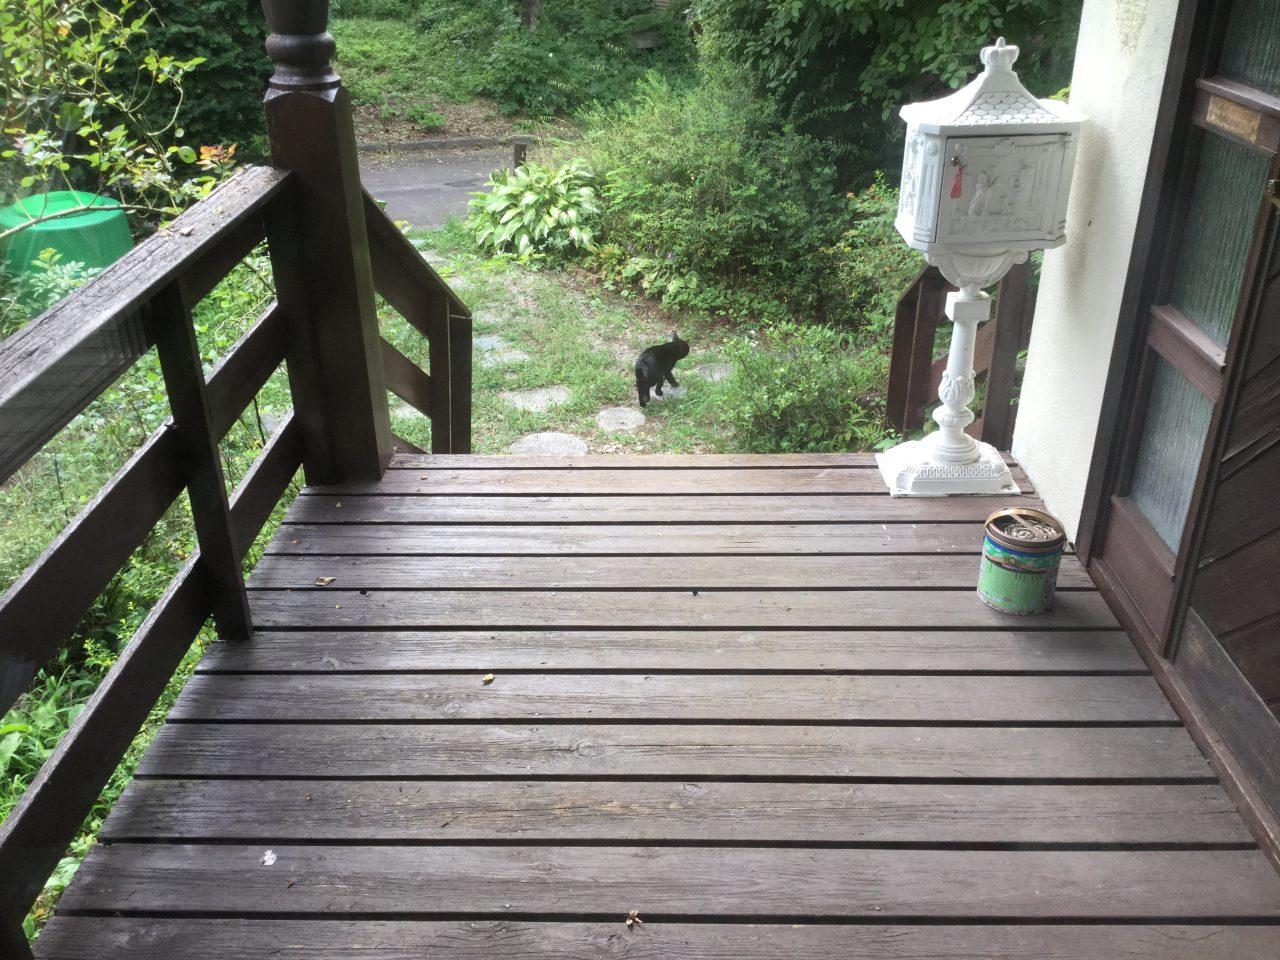 枝拾いと薪づくりと黒猫